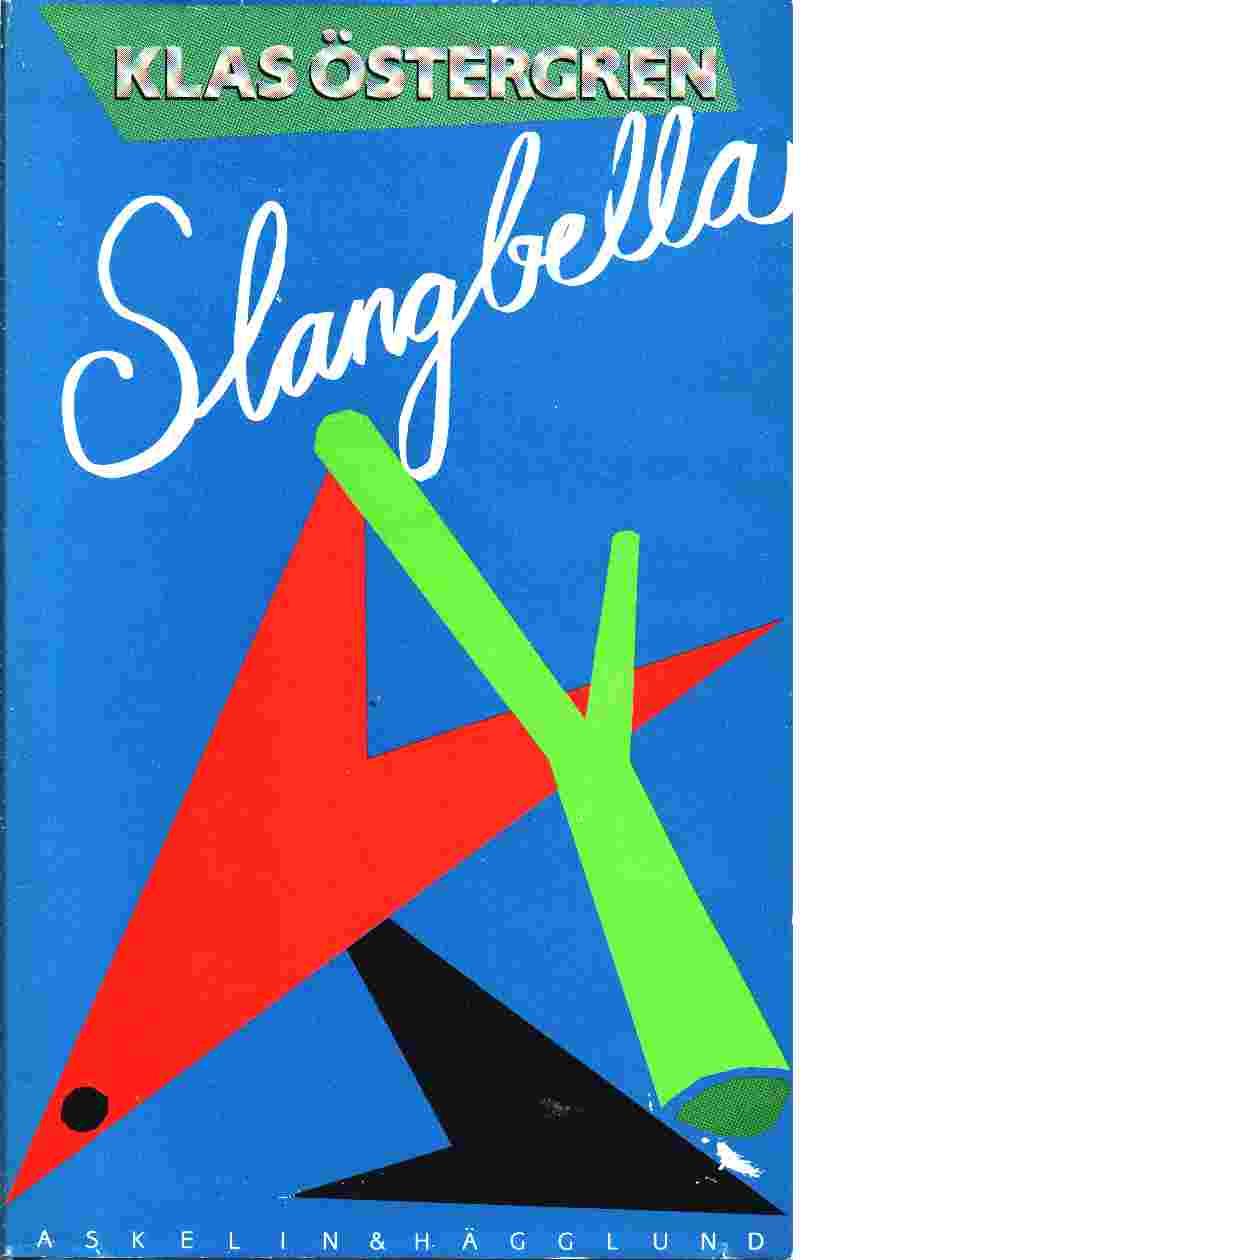 Slangbella - Östergren, Klas